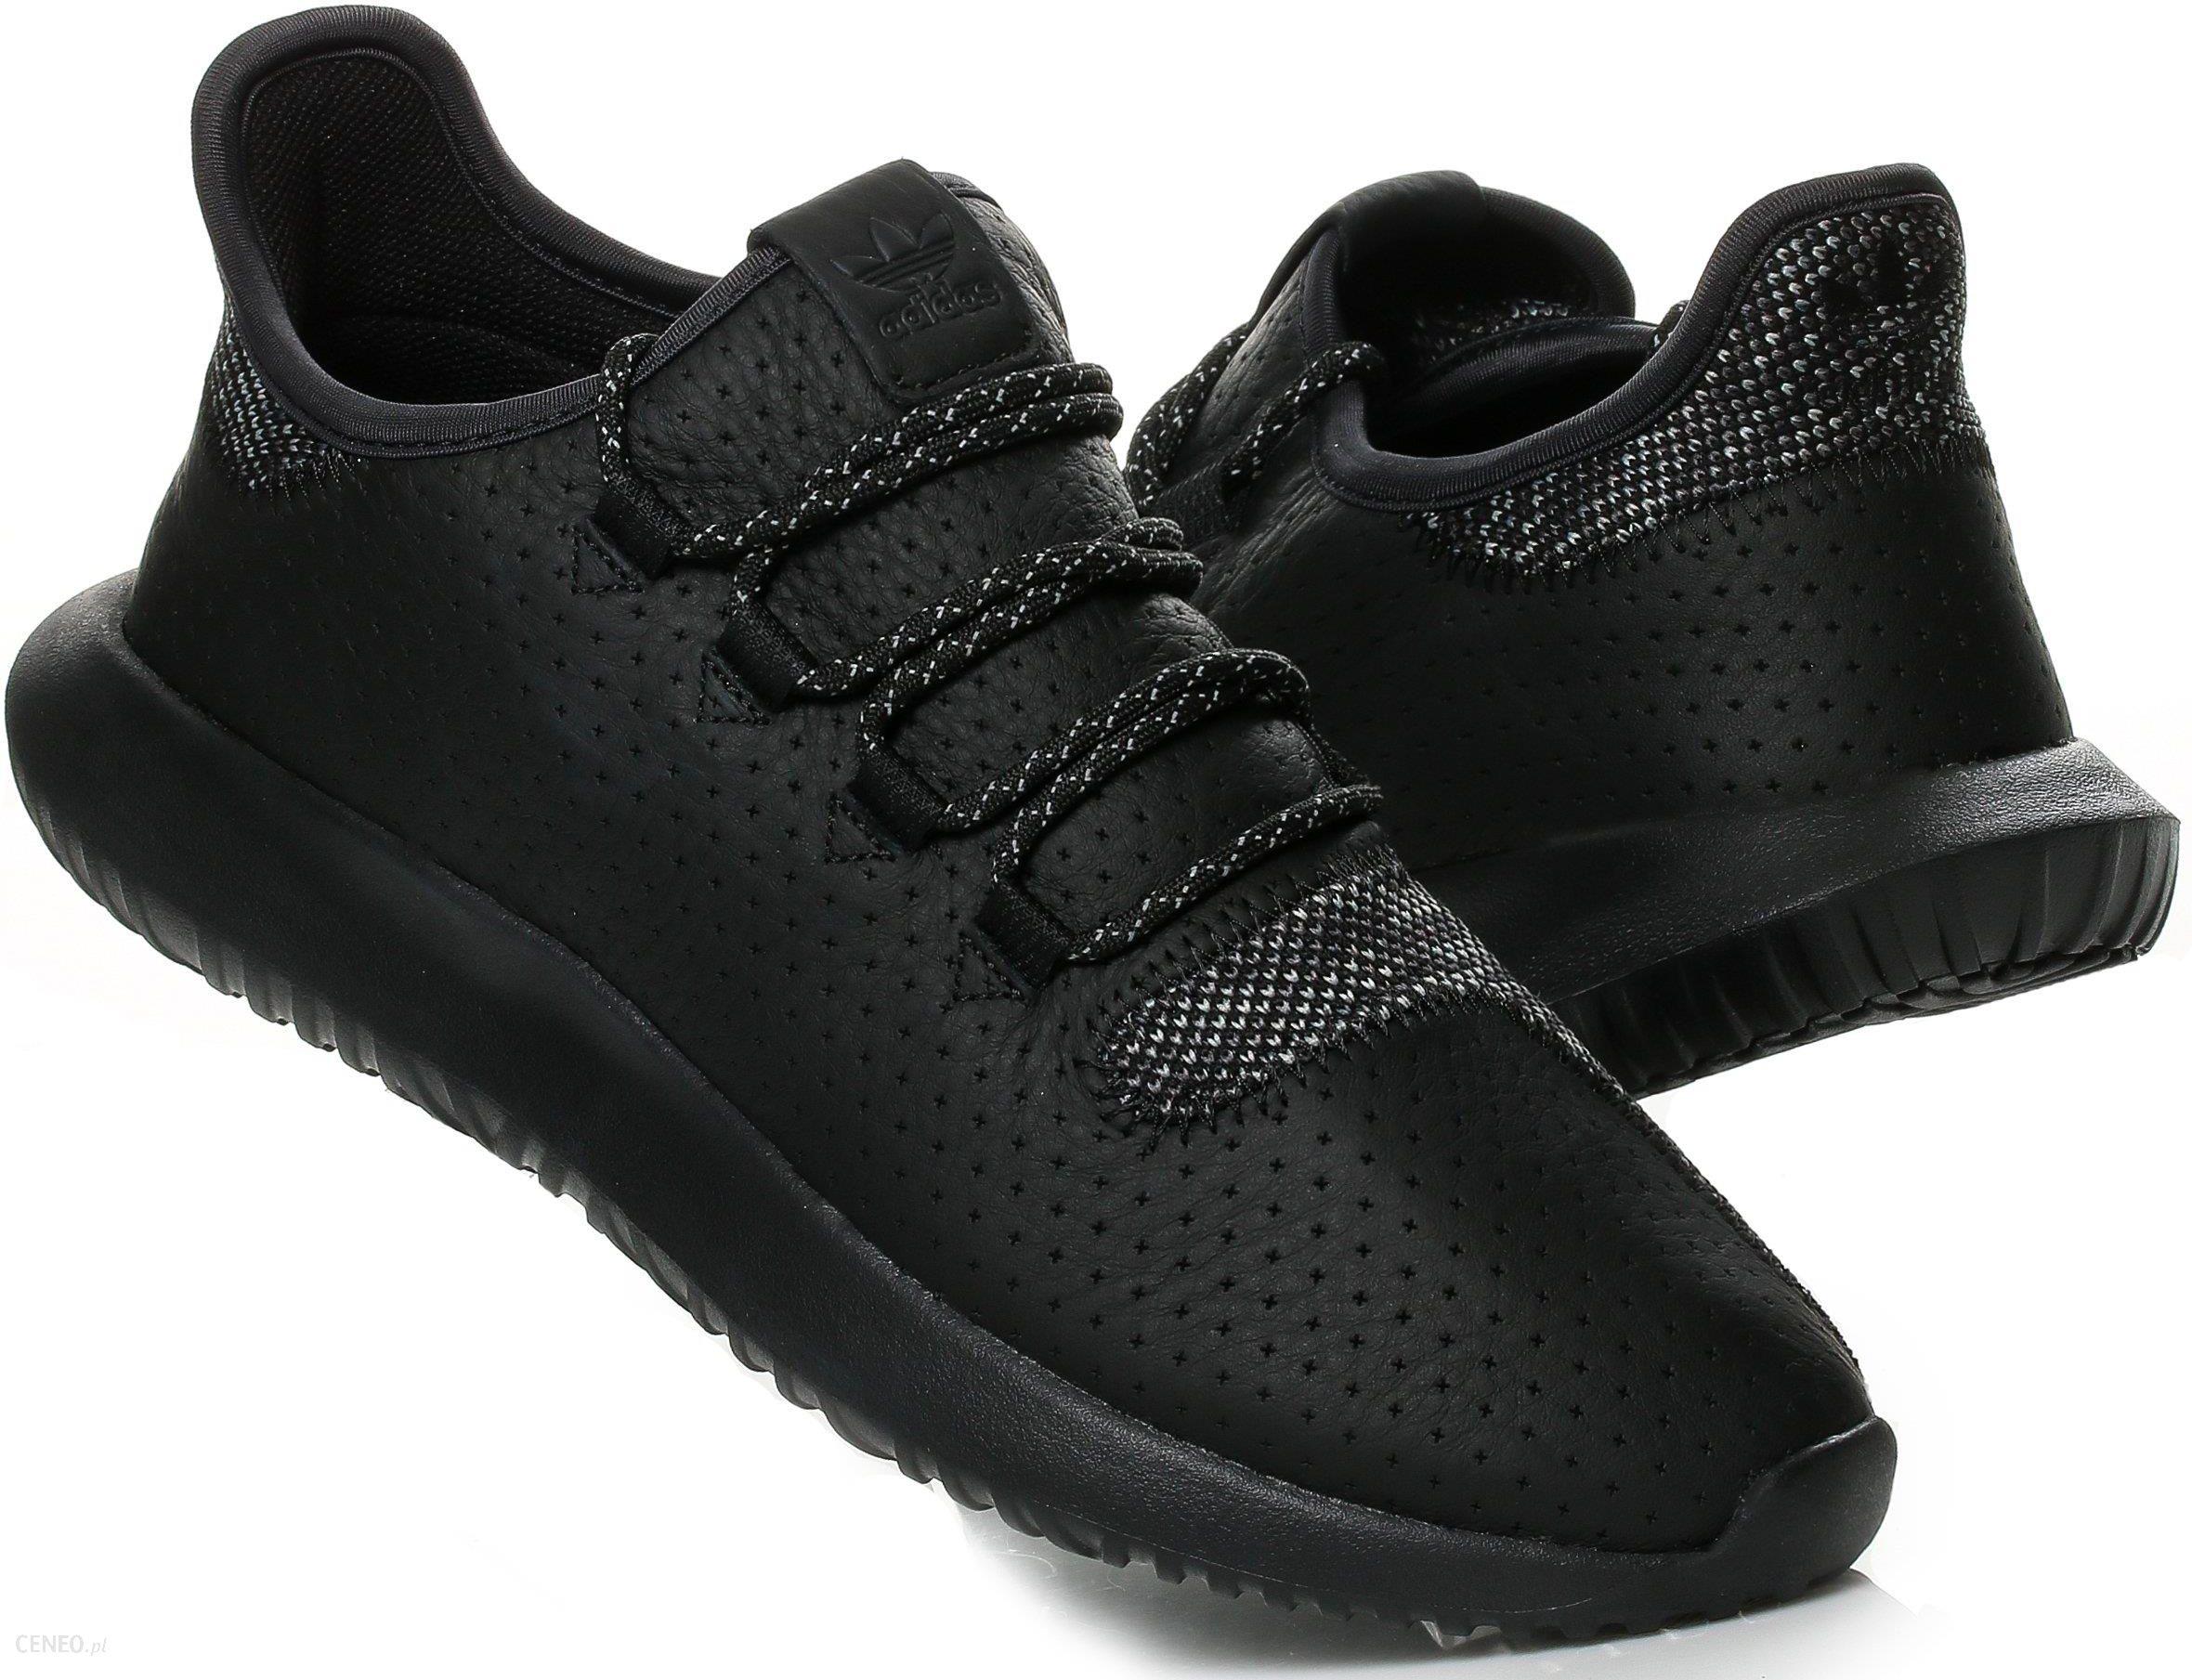 Adidas, Buty m?skie, Tubular shadow, rozmiar 46 23